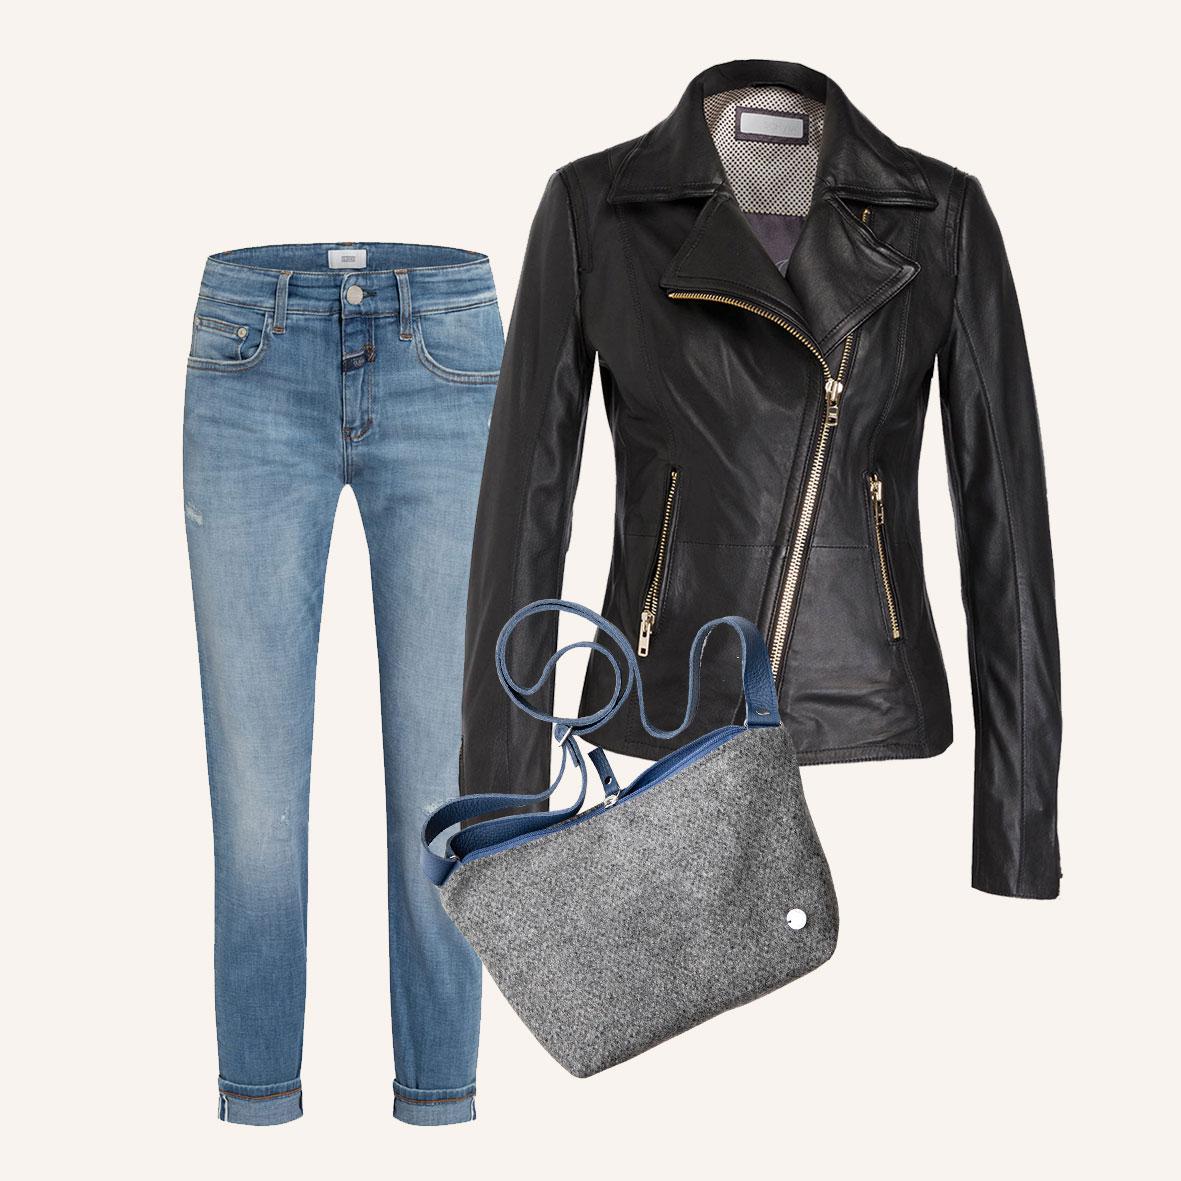 Outfits für den Herbst, Lederjacke und Jeans, lässige Lederjacke schwarz, kleine Umhängetasche aus Stoff, Crossbody-Tasche aus Merinowolle